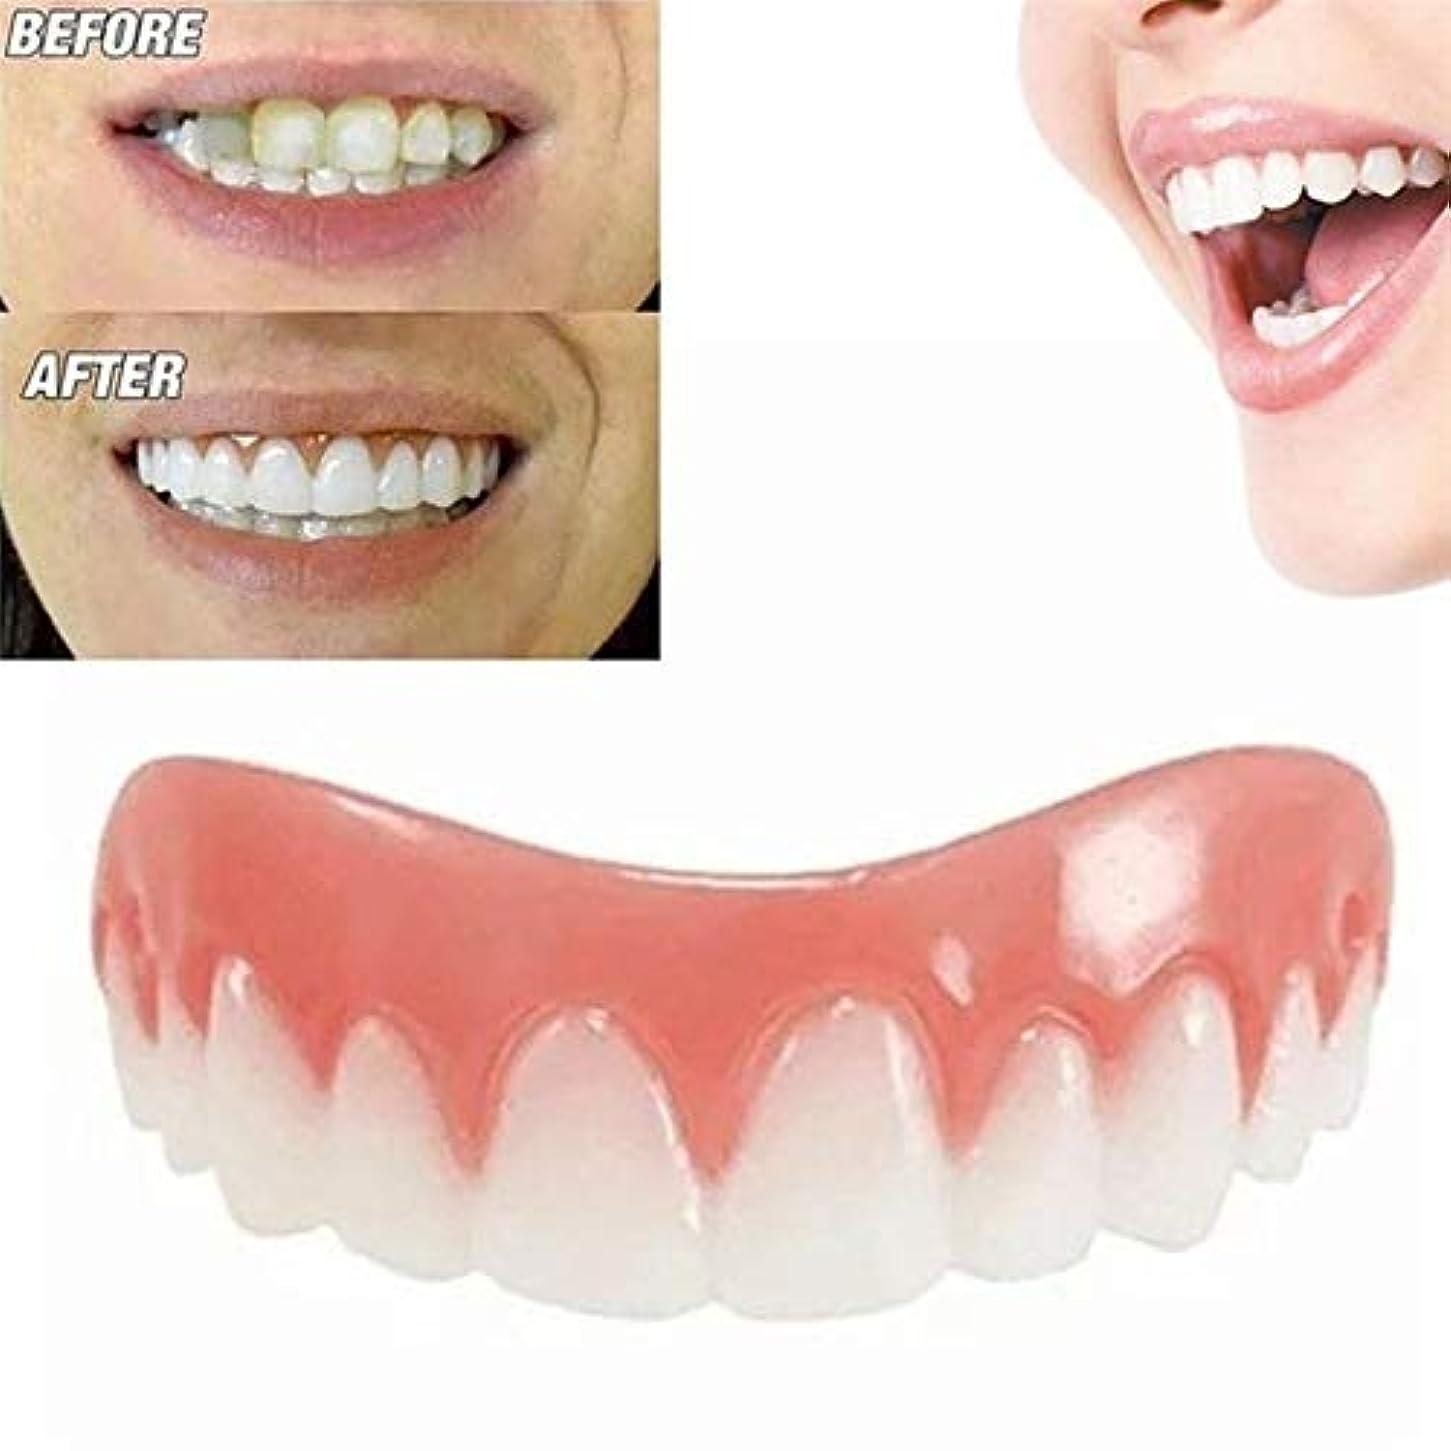 アソシエイト牛グラマー30個完璧な笑顔のベニヤ偽の歯アッパー偽の歯のカバー悪い歯のための歯のためのあなたに与えます完璧な笑顔のベニヤ - ワンサイズフィット